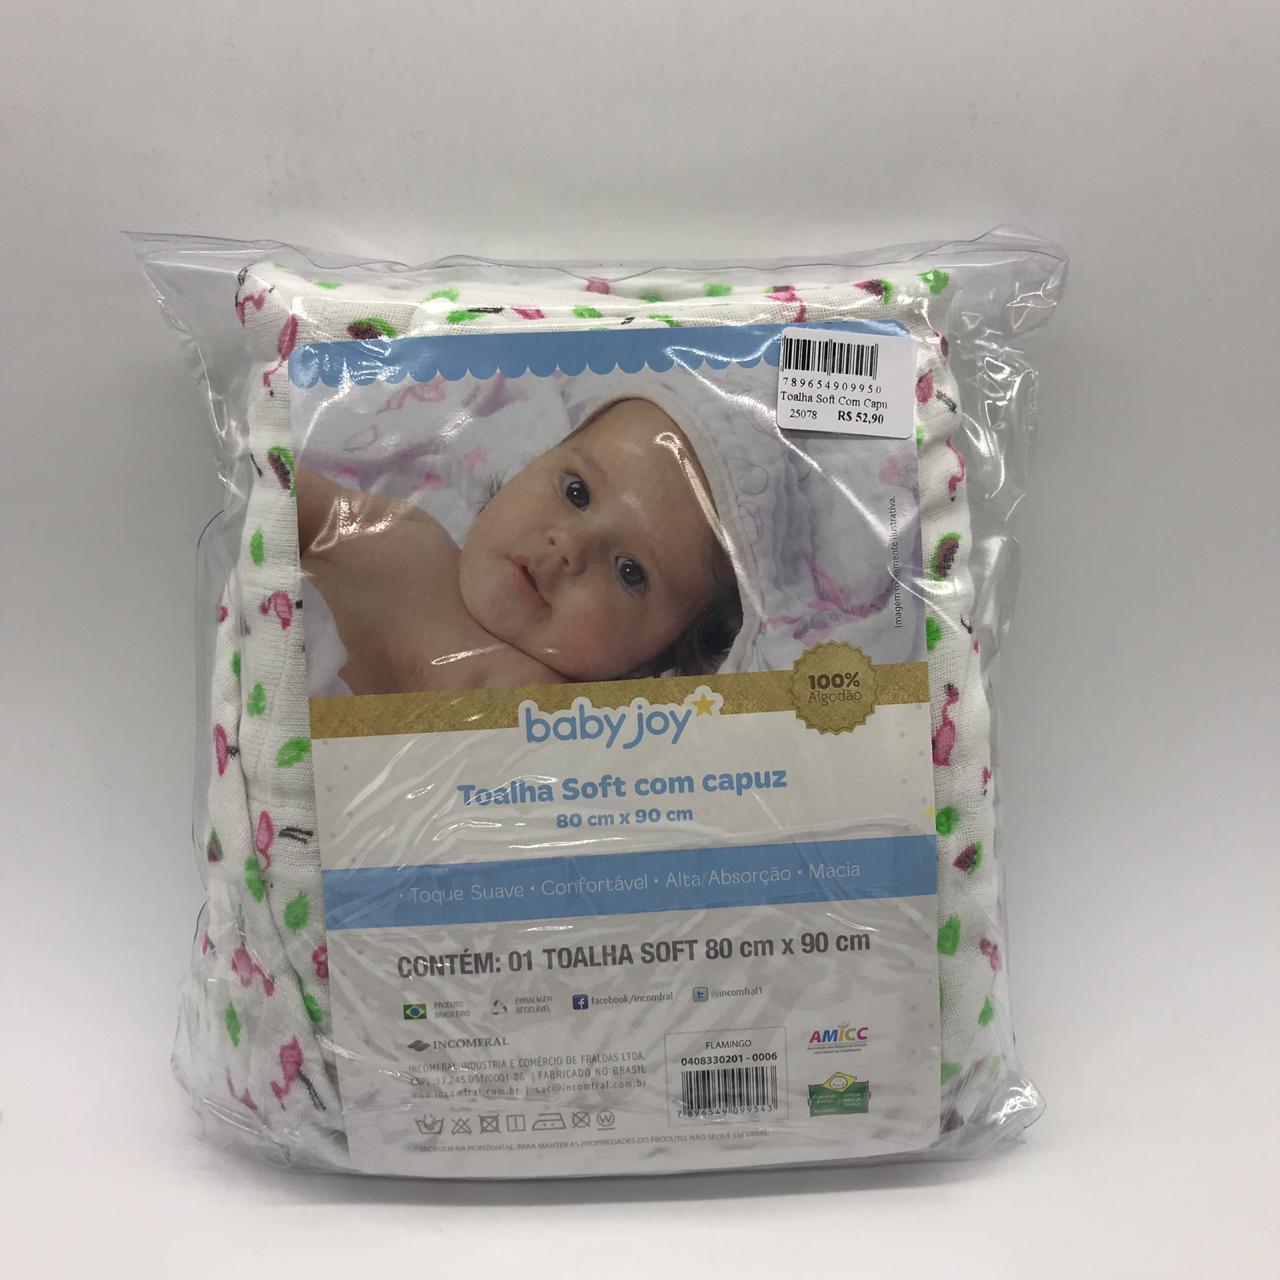 87538bf63 Toalha Soft Com Capuz Flamingo - Baby Joy Incomfral Ref 04083302010006 - Bebê  Casa ...